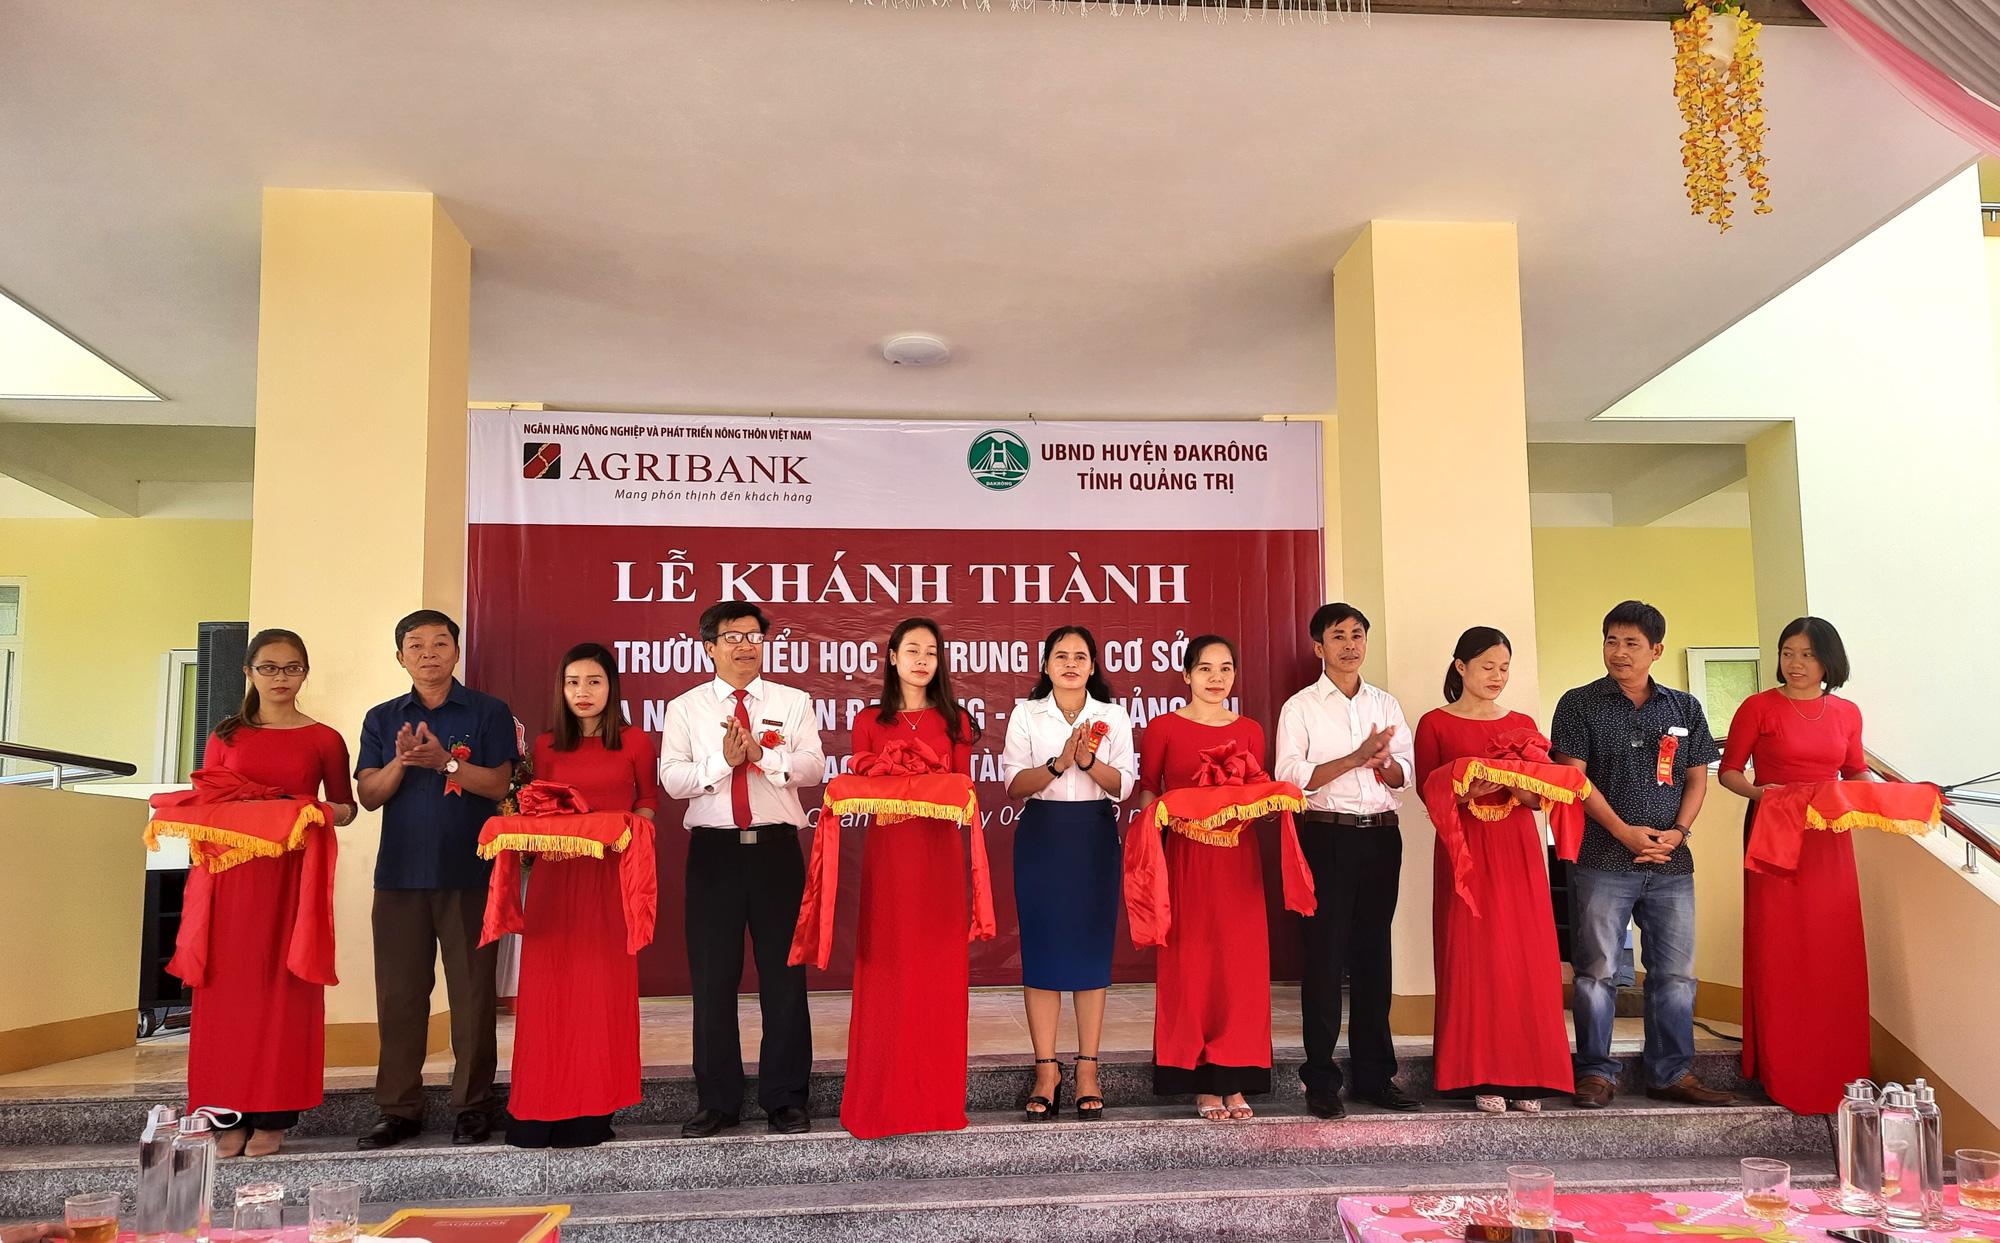 Ngân hàng Agribank xây trường học 5 tỷ đồng ở Quảng Trị - Ảnh 1.